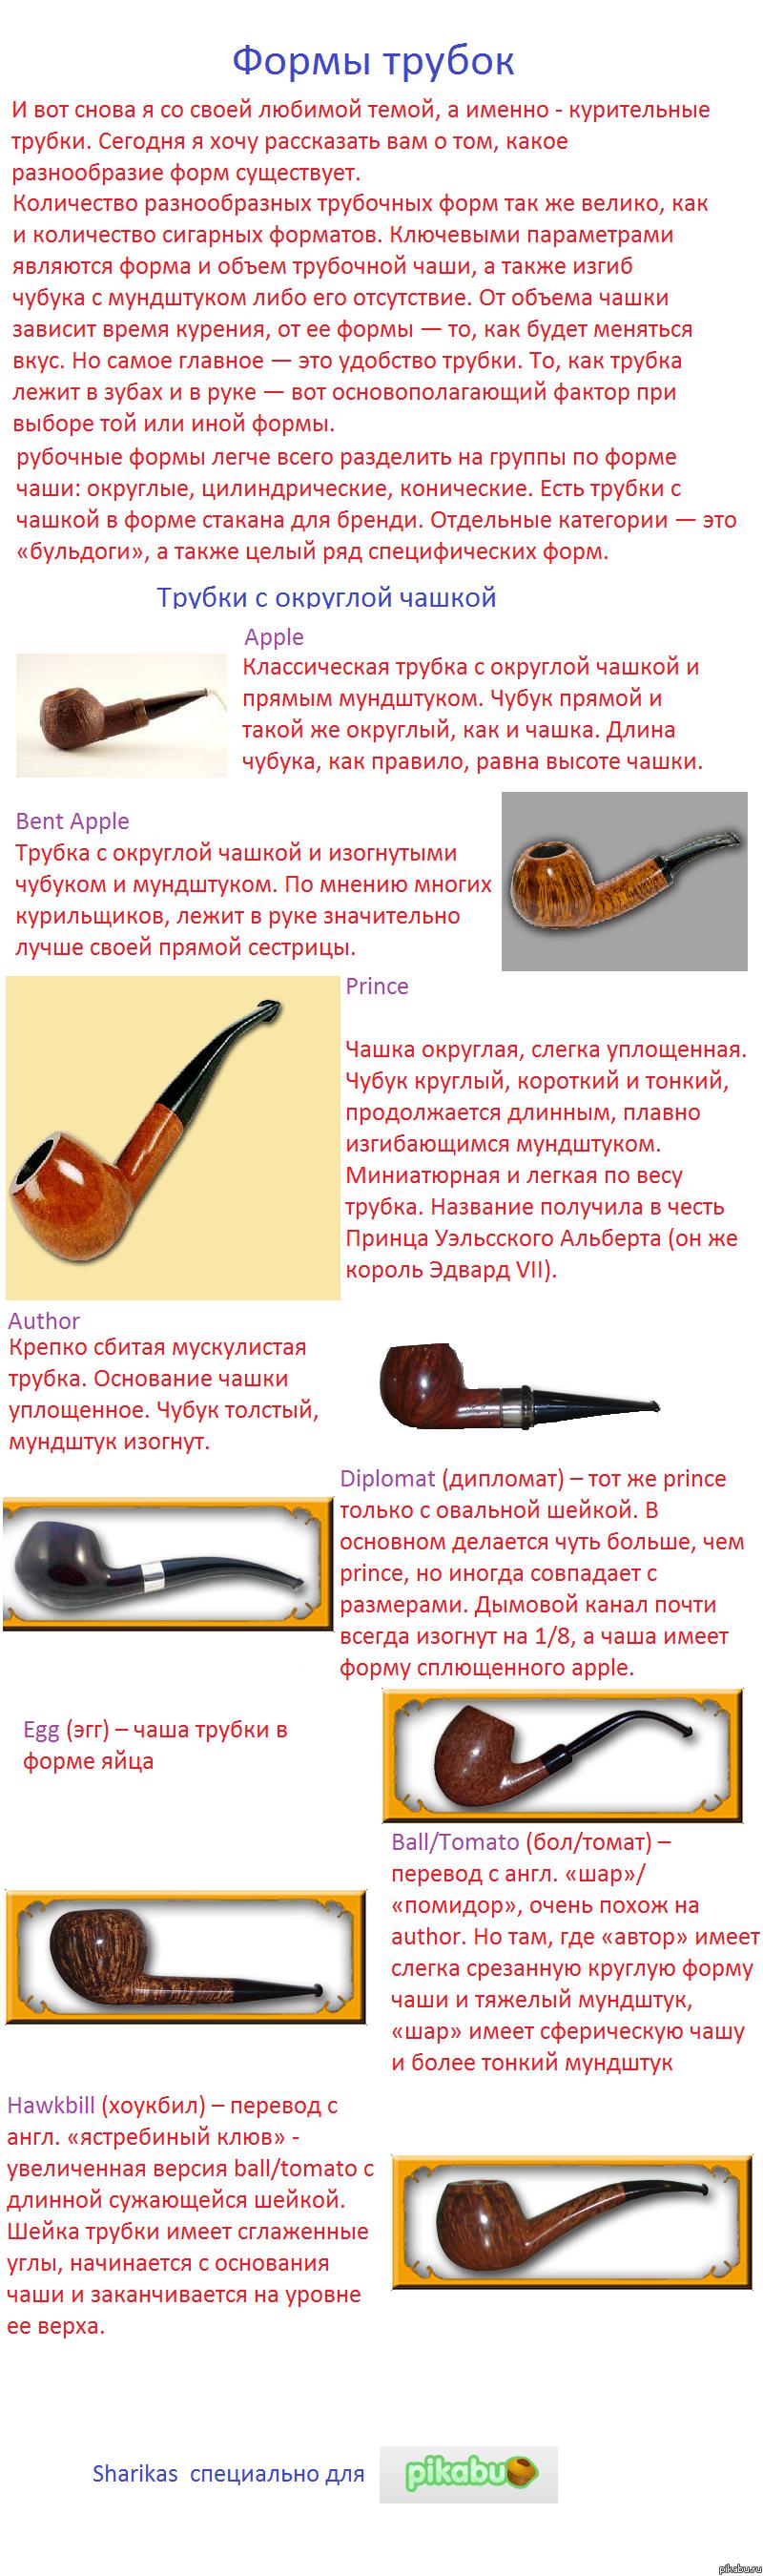 Формы курительных трубок. Часть первая Трубки с округлой чашкой